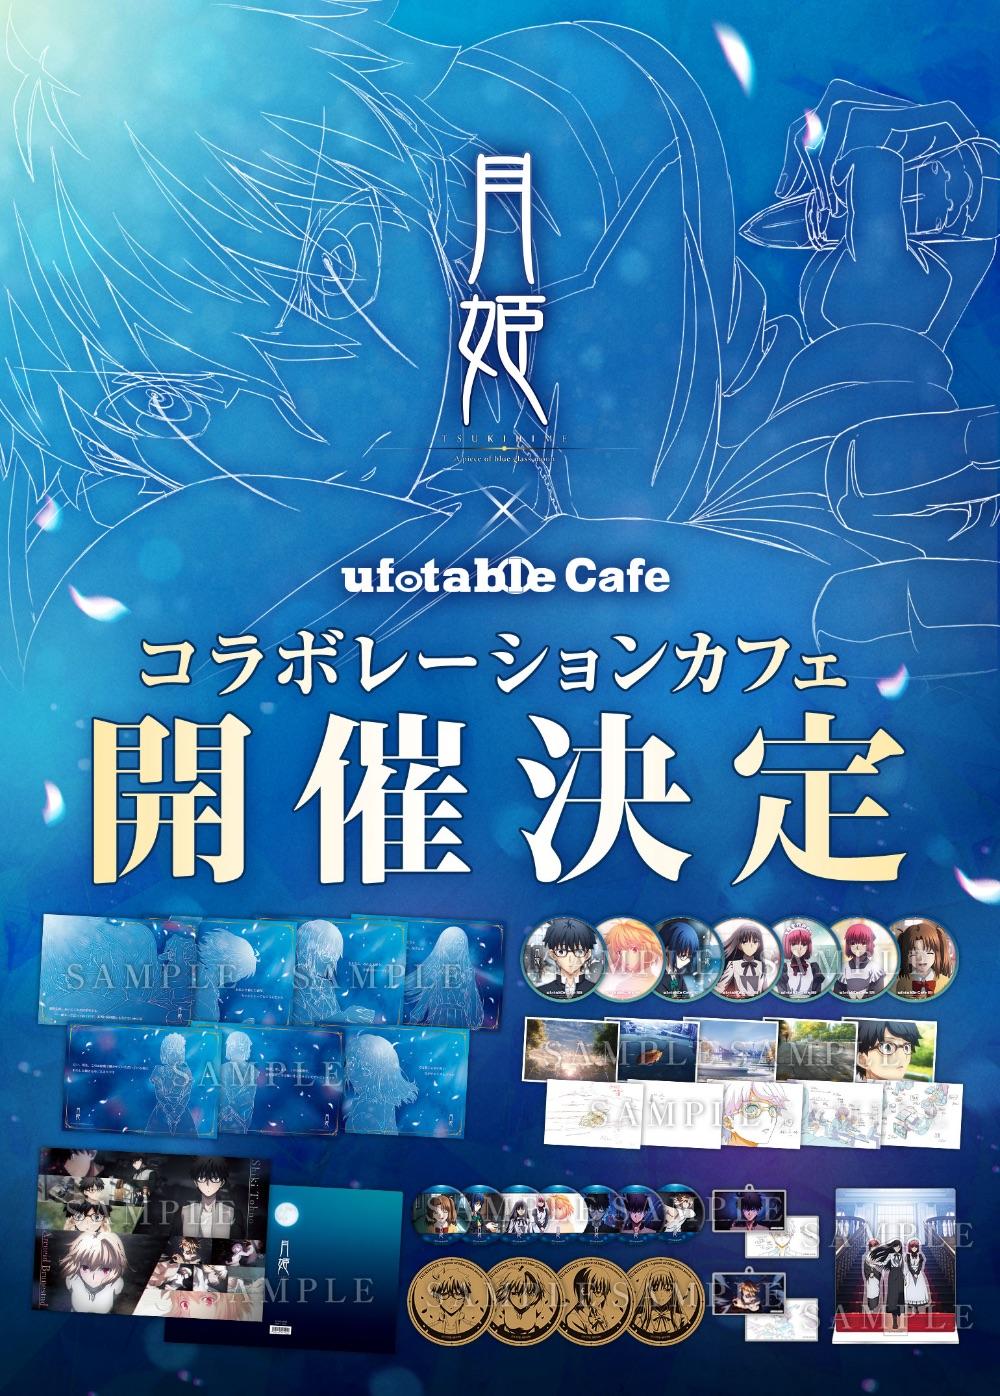 【名古屋】ufotableCafeNAGOYA 9/16(木) 「月姫 -A piece of blue glass moon-」コラボレーションカフェ